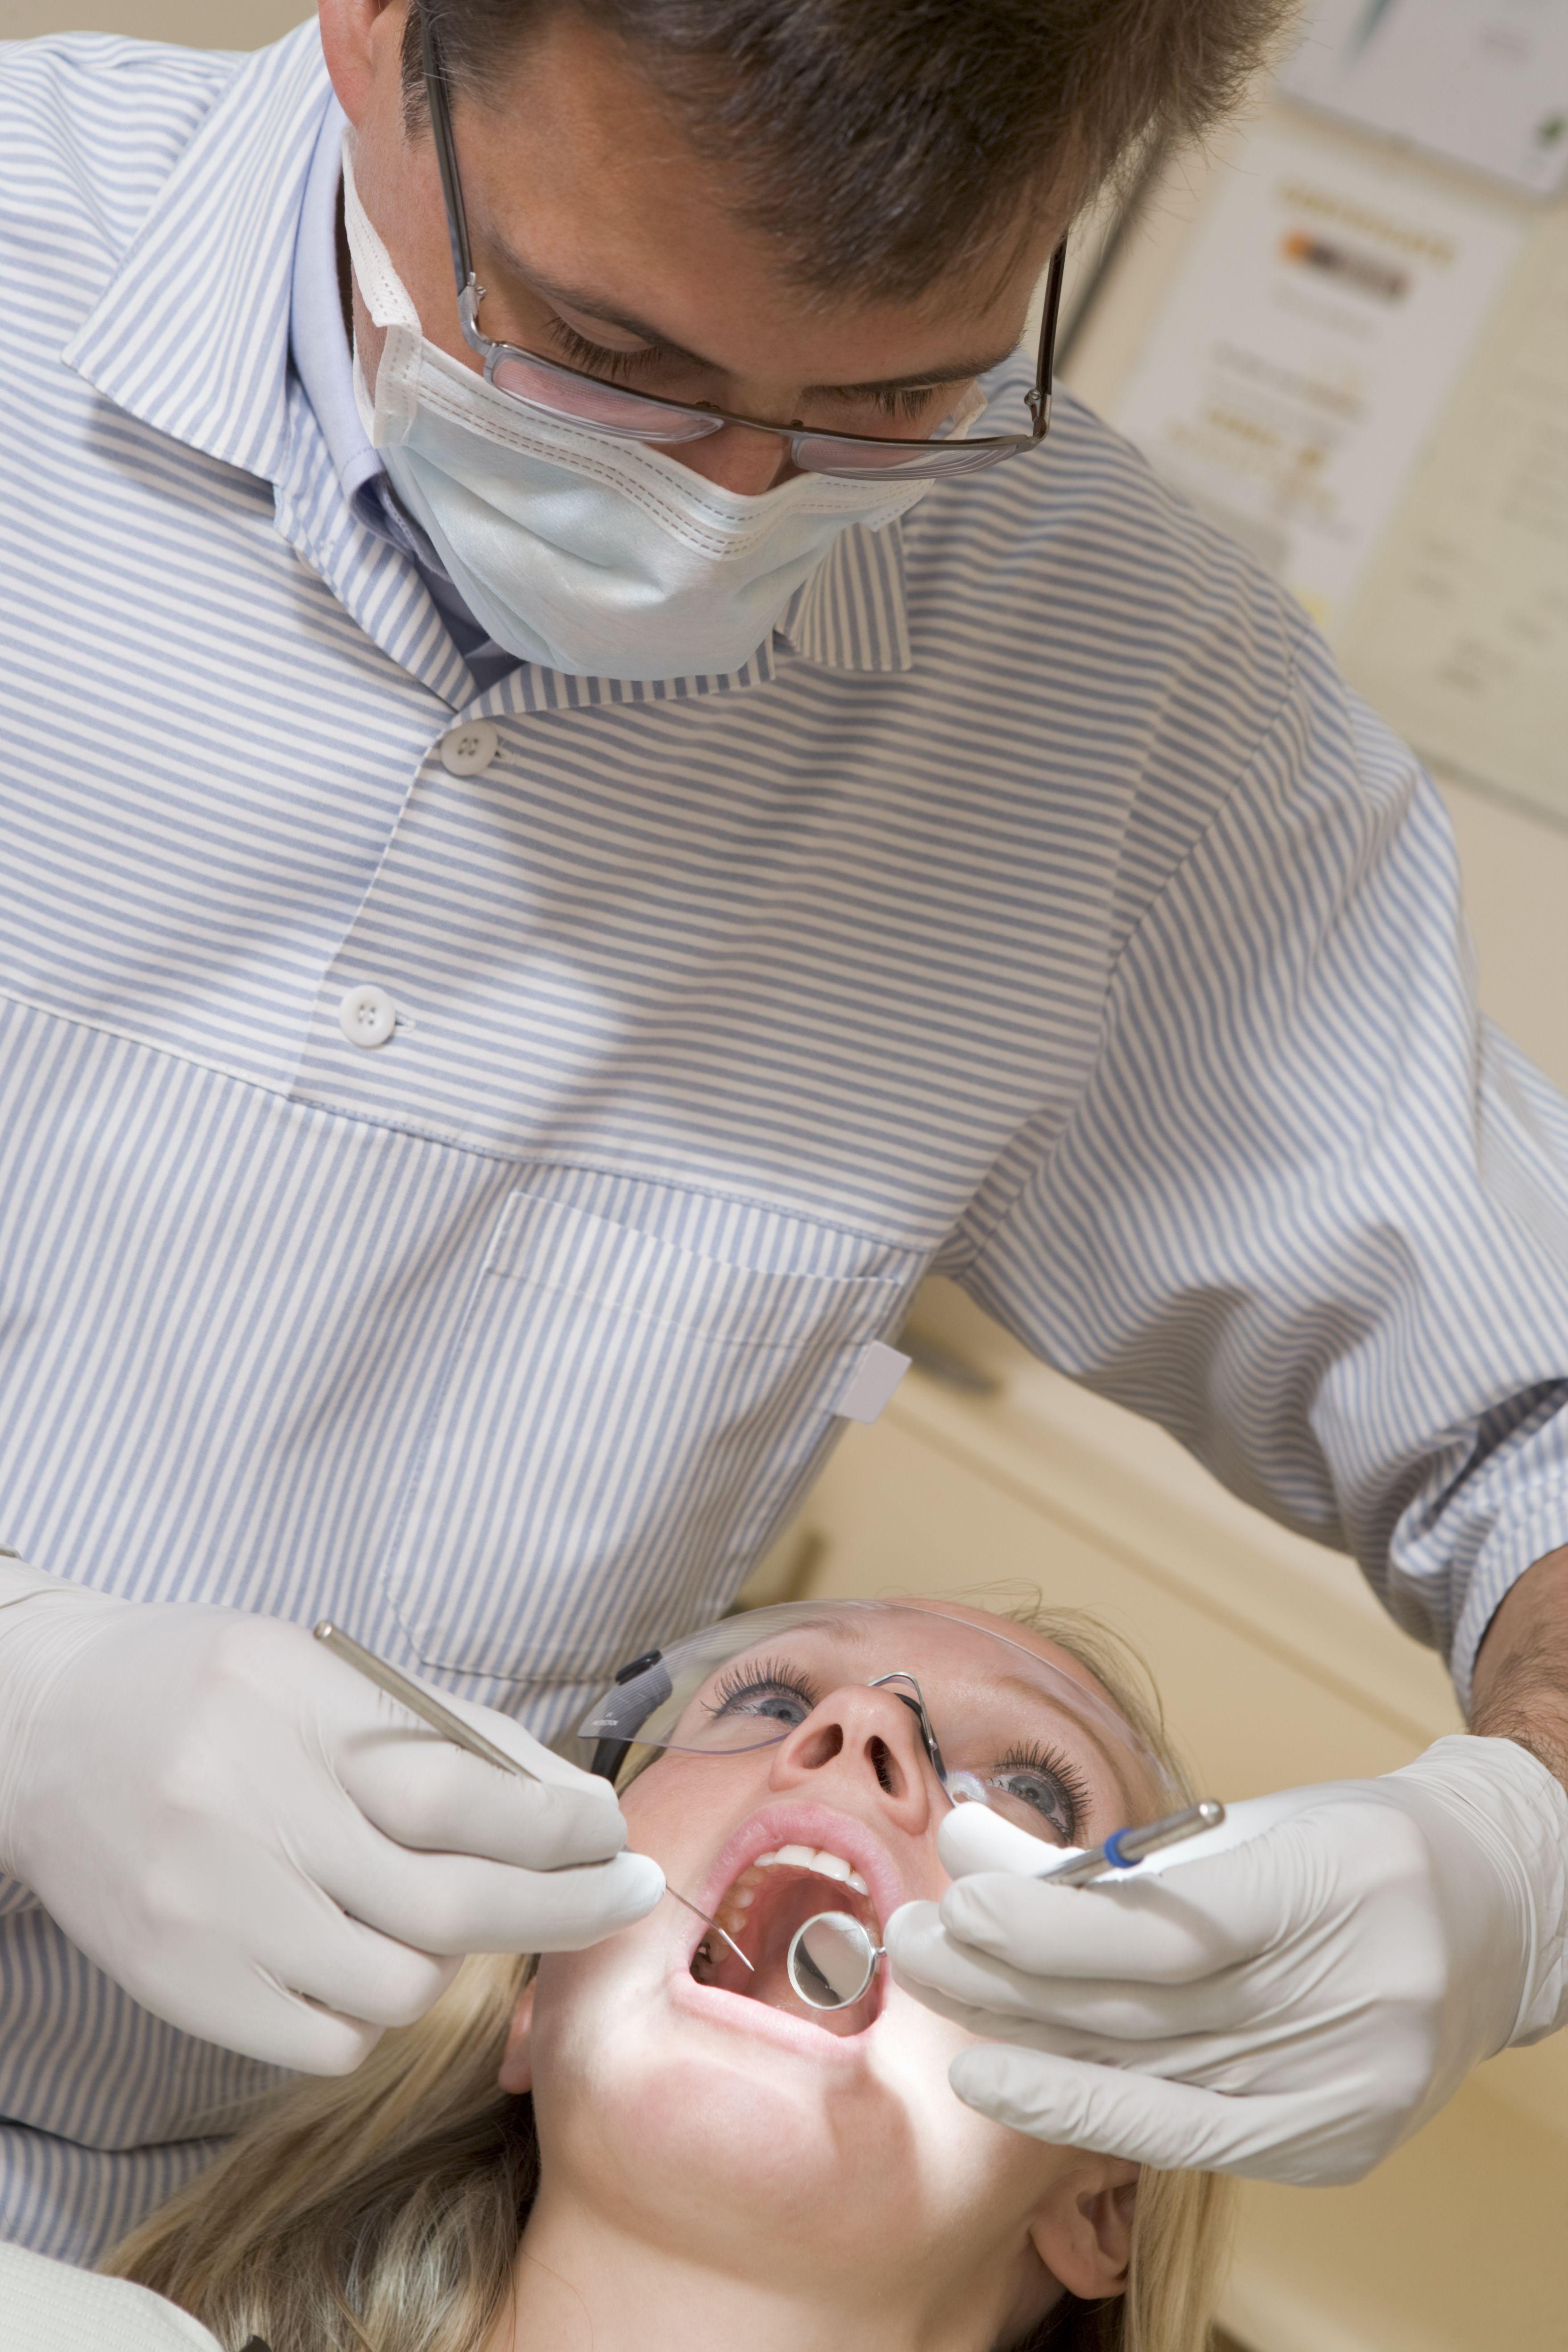 Hacksensack teeth cleaning